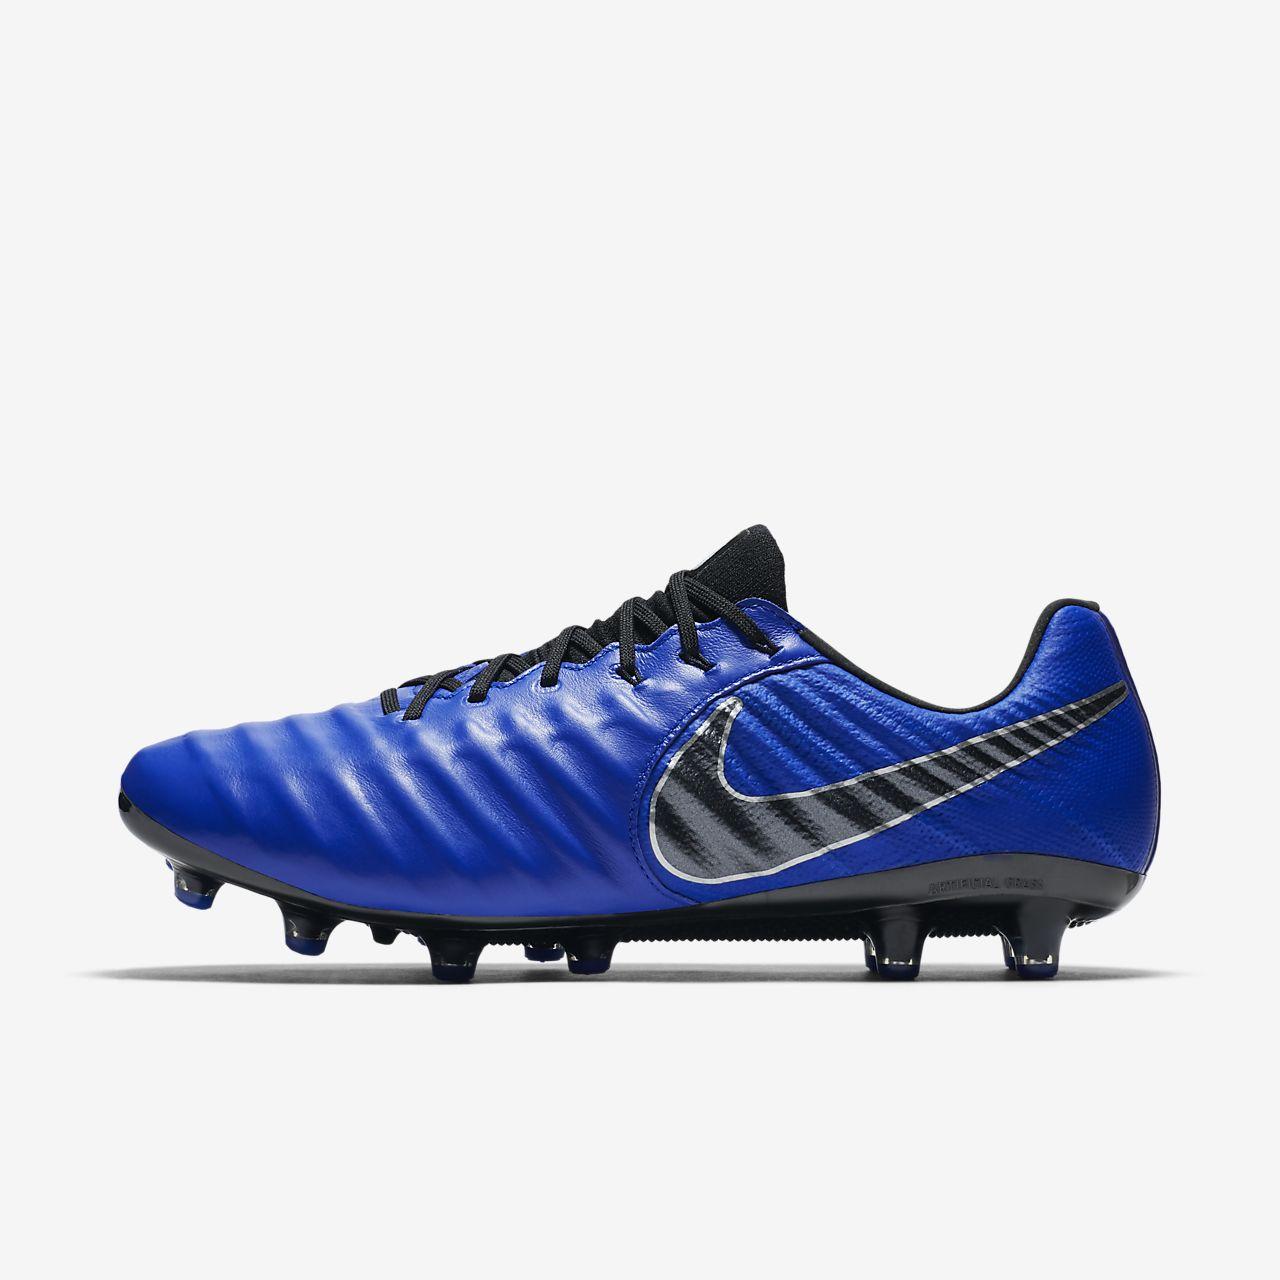 Nike Legend VII Elite AG-PRO Botas de fútbol para césped artificial ... b486d92cdcd72